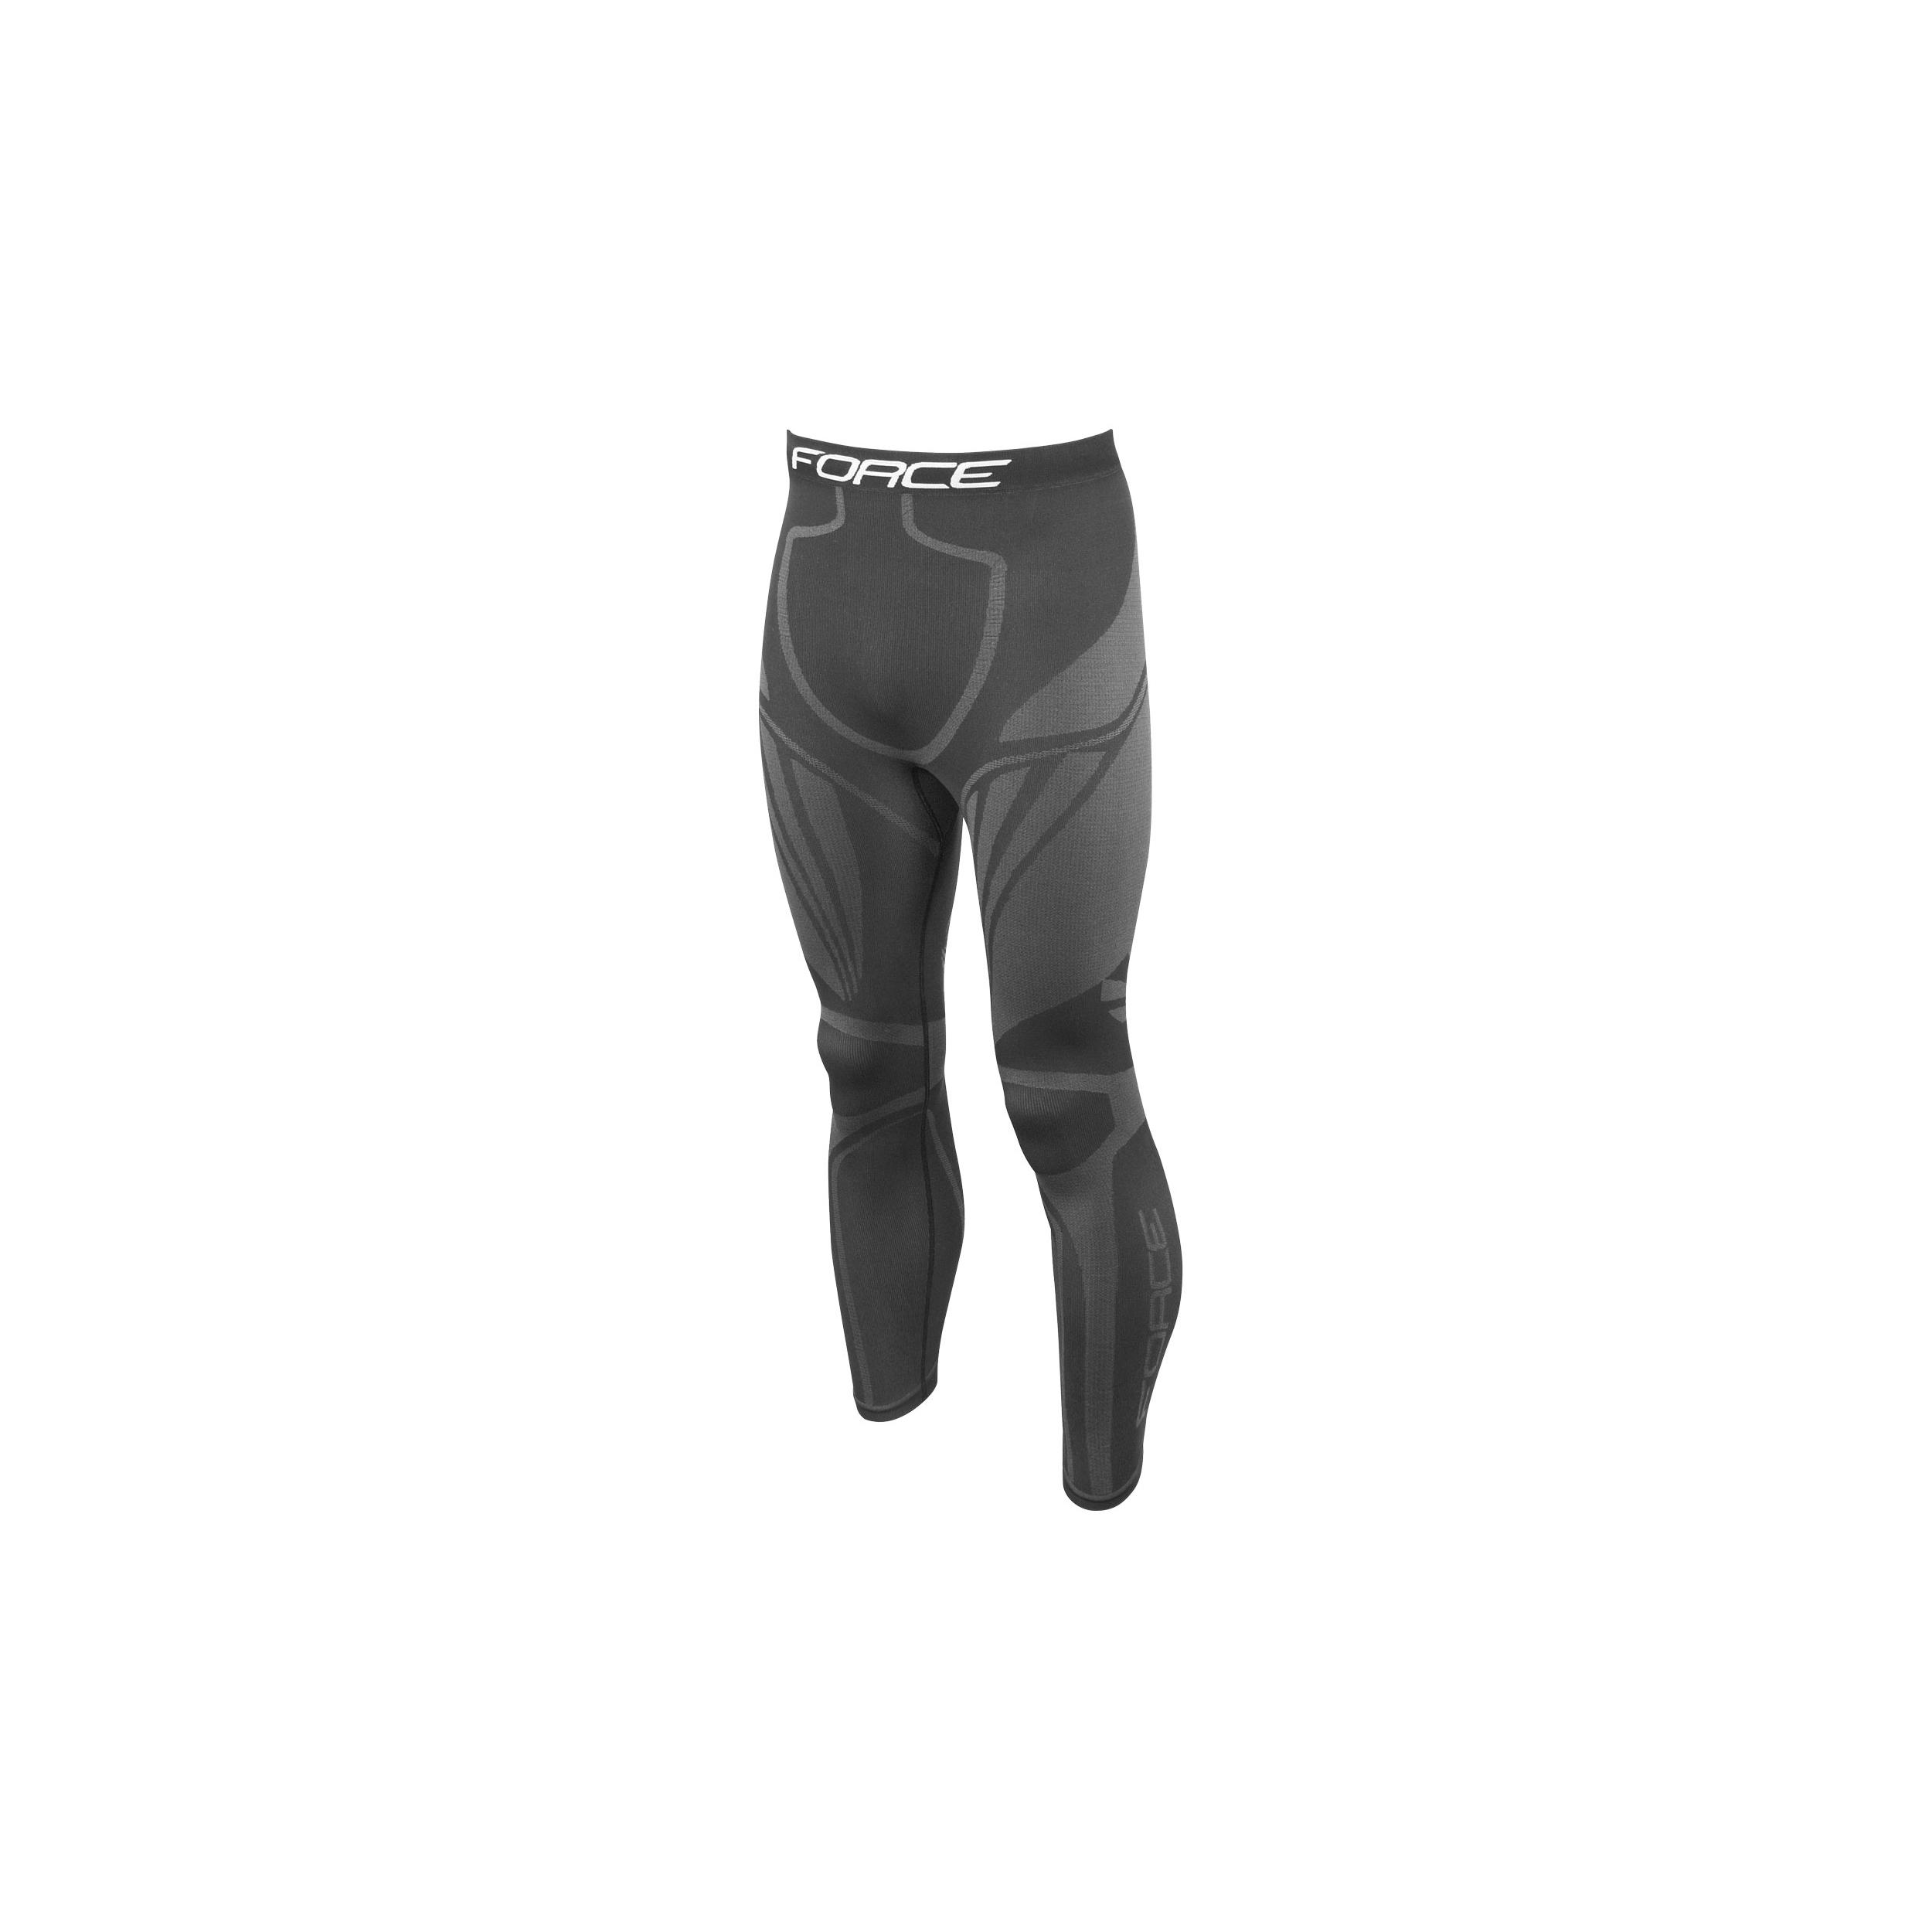 Kalhoty/Funkční prádlo FORCE FROST, černé L-XL